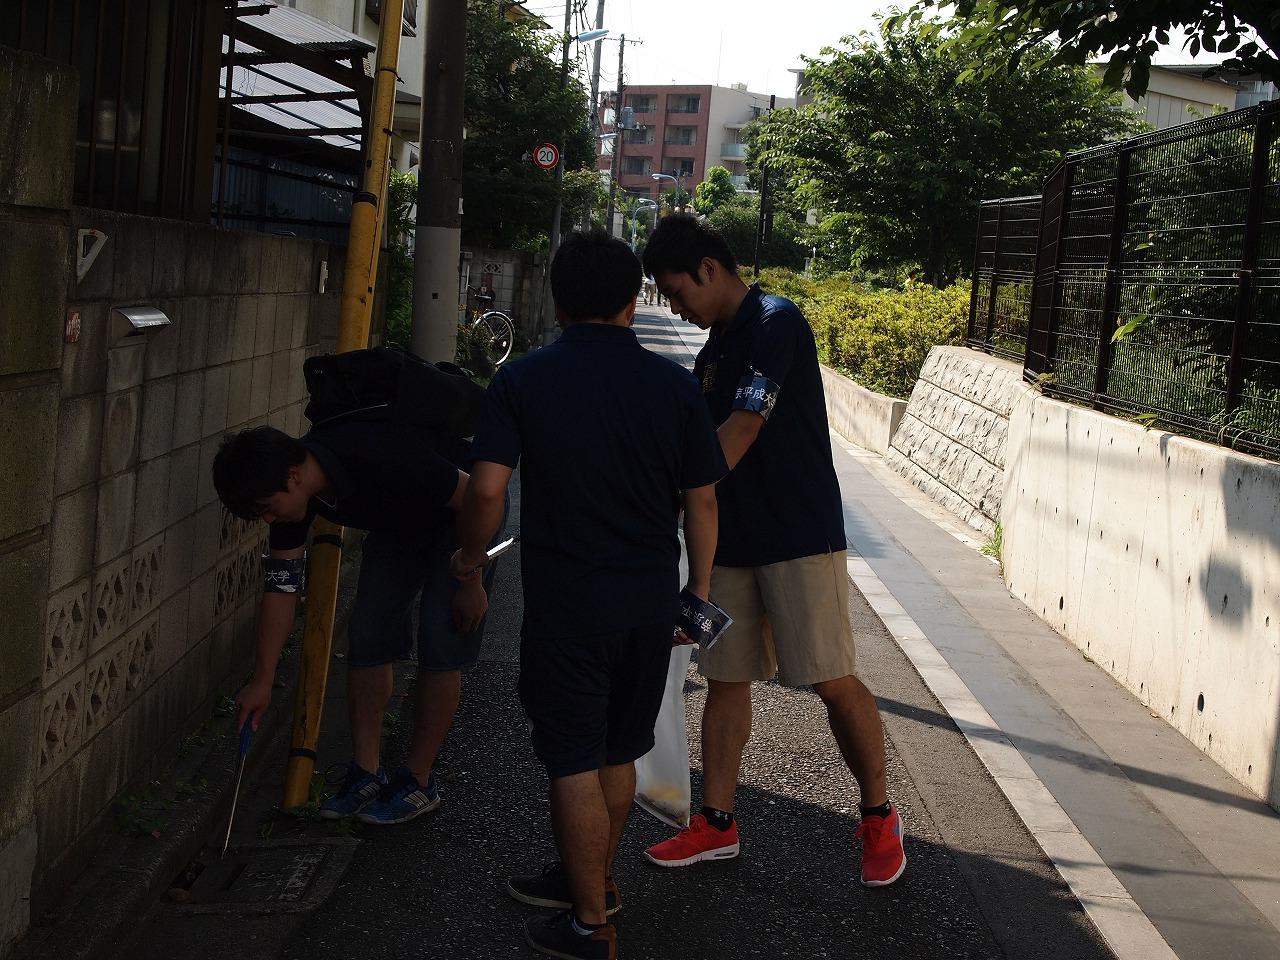 帝京平成大学が今年最後の「清掃ボランティア」を実施 -- 12月9日、中野キャンパス周辺